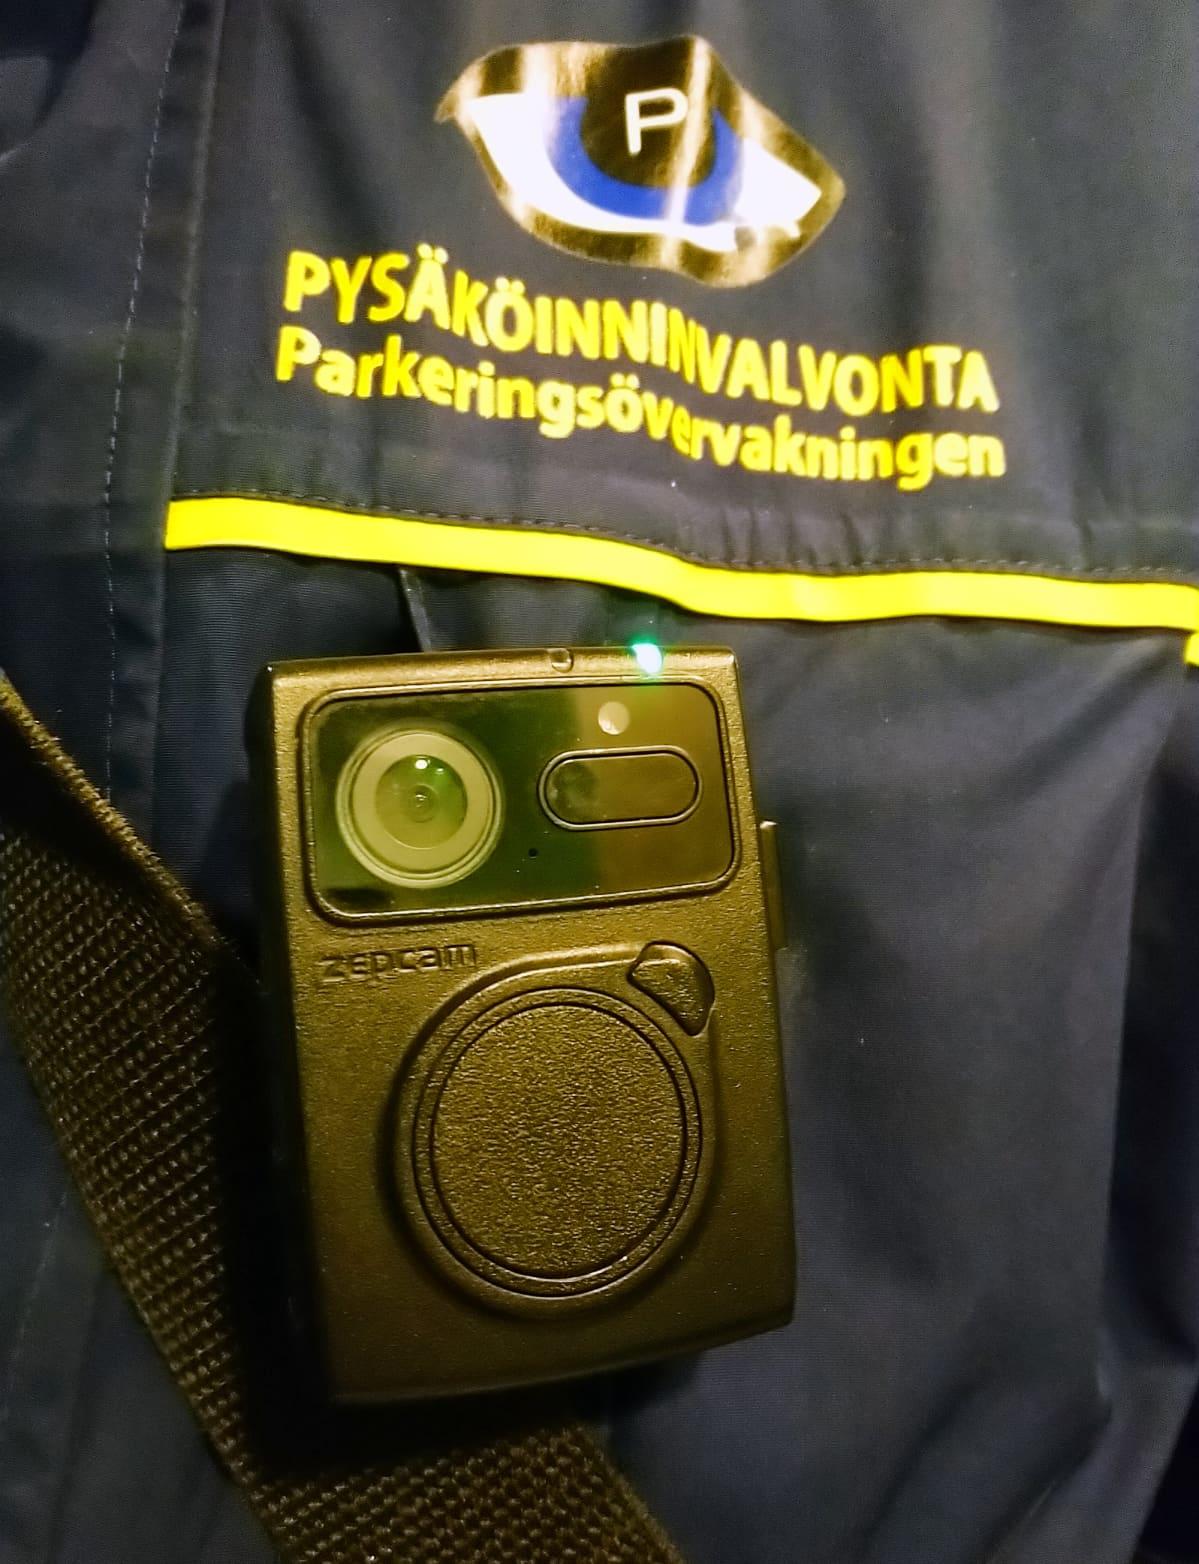 Kuopio Pysäköinninvalvonta